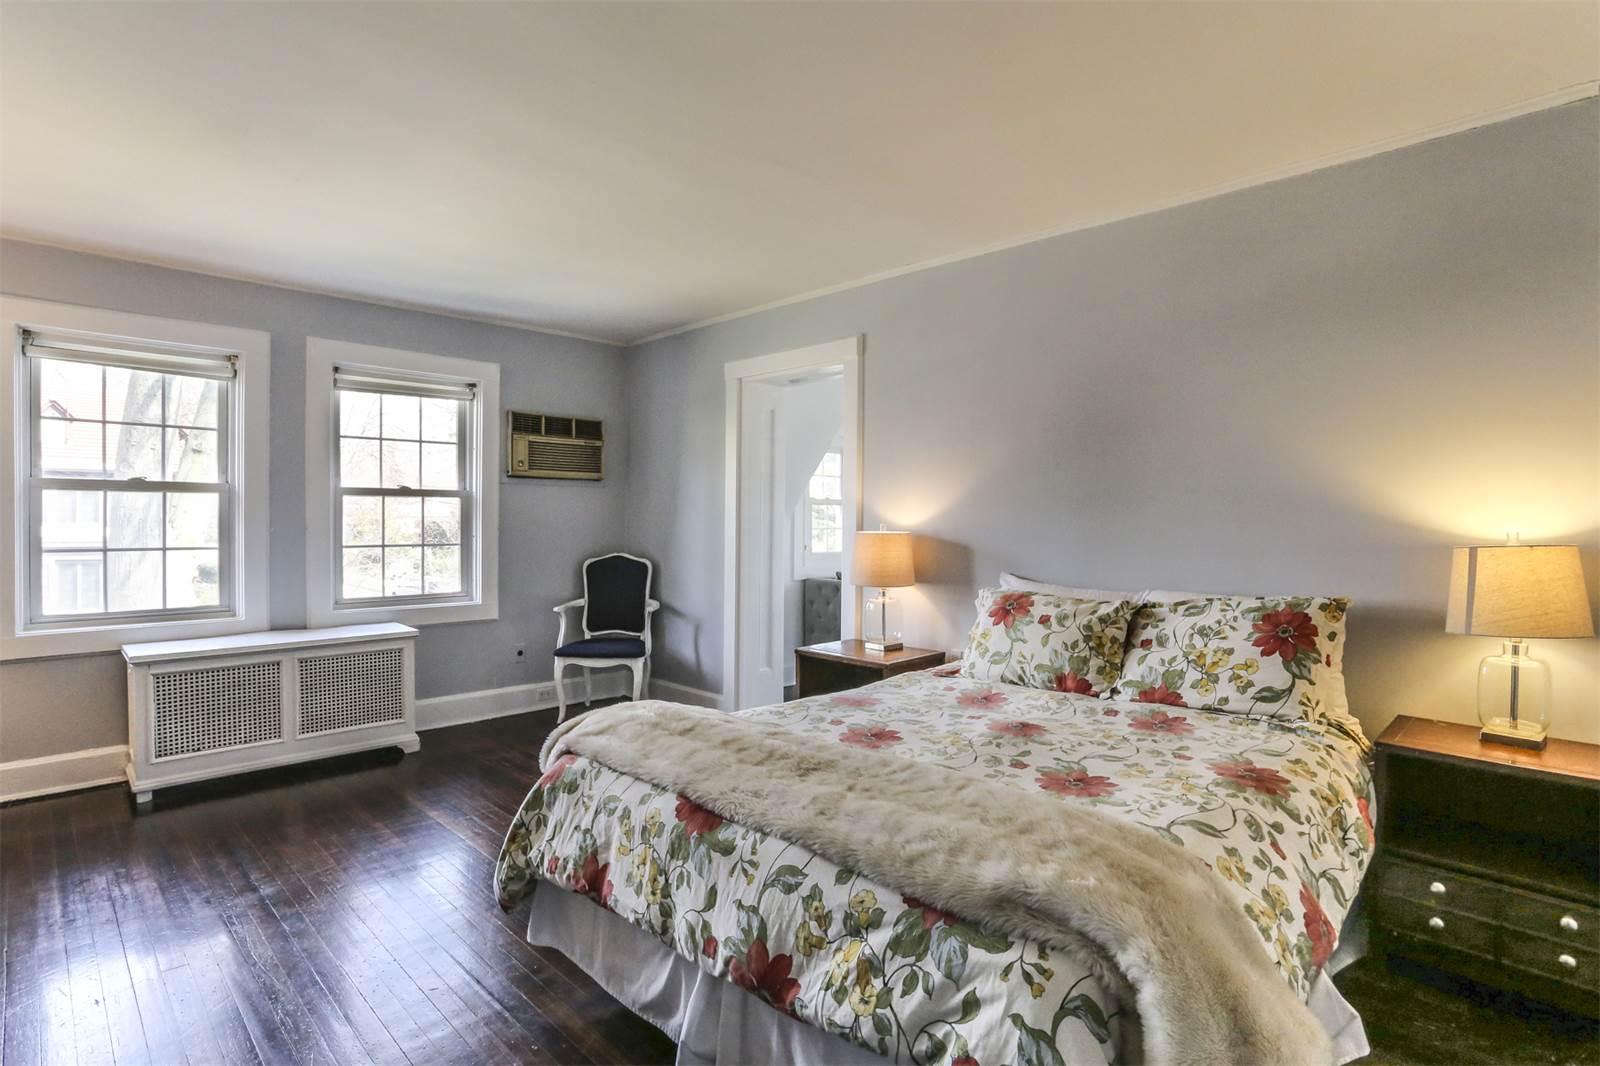 63 wendover road, forest hills garden, master bedroom